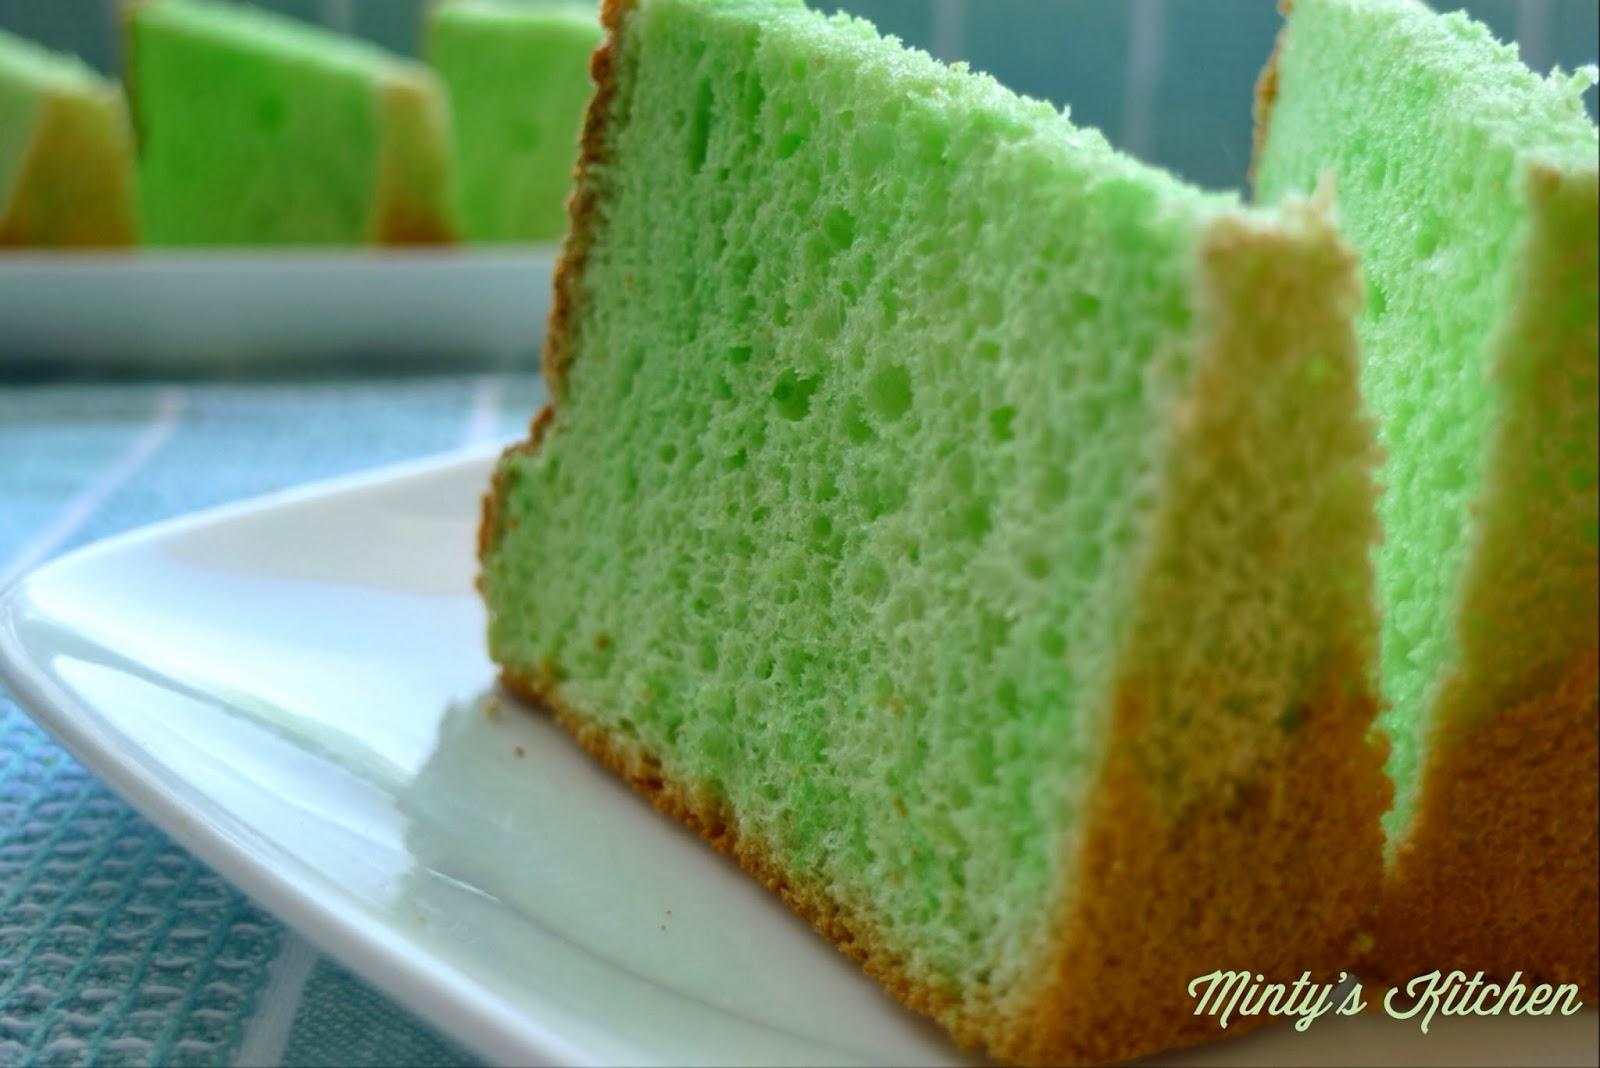 Minty's Kitchen: Pandan Chiffon Cake